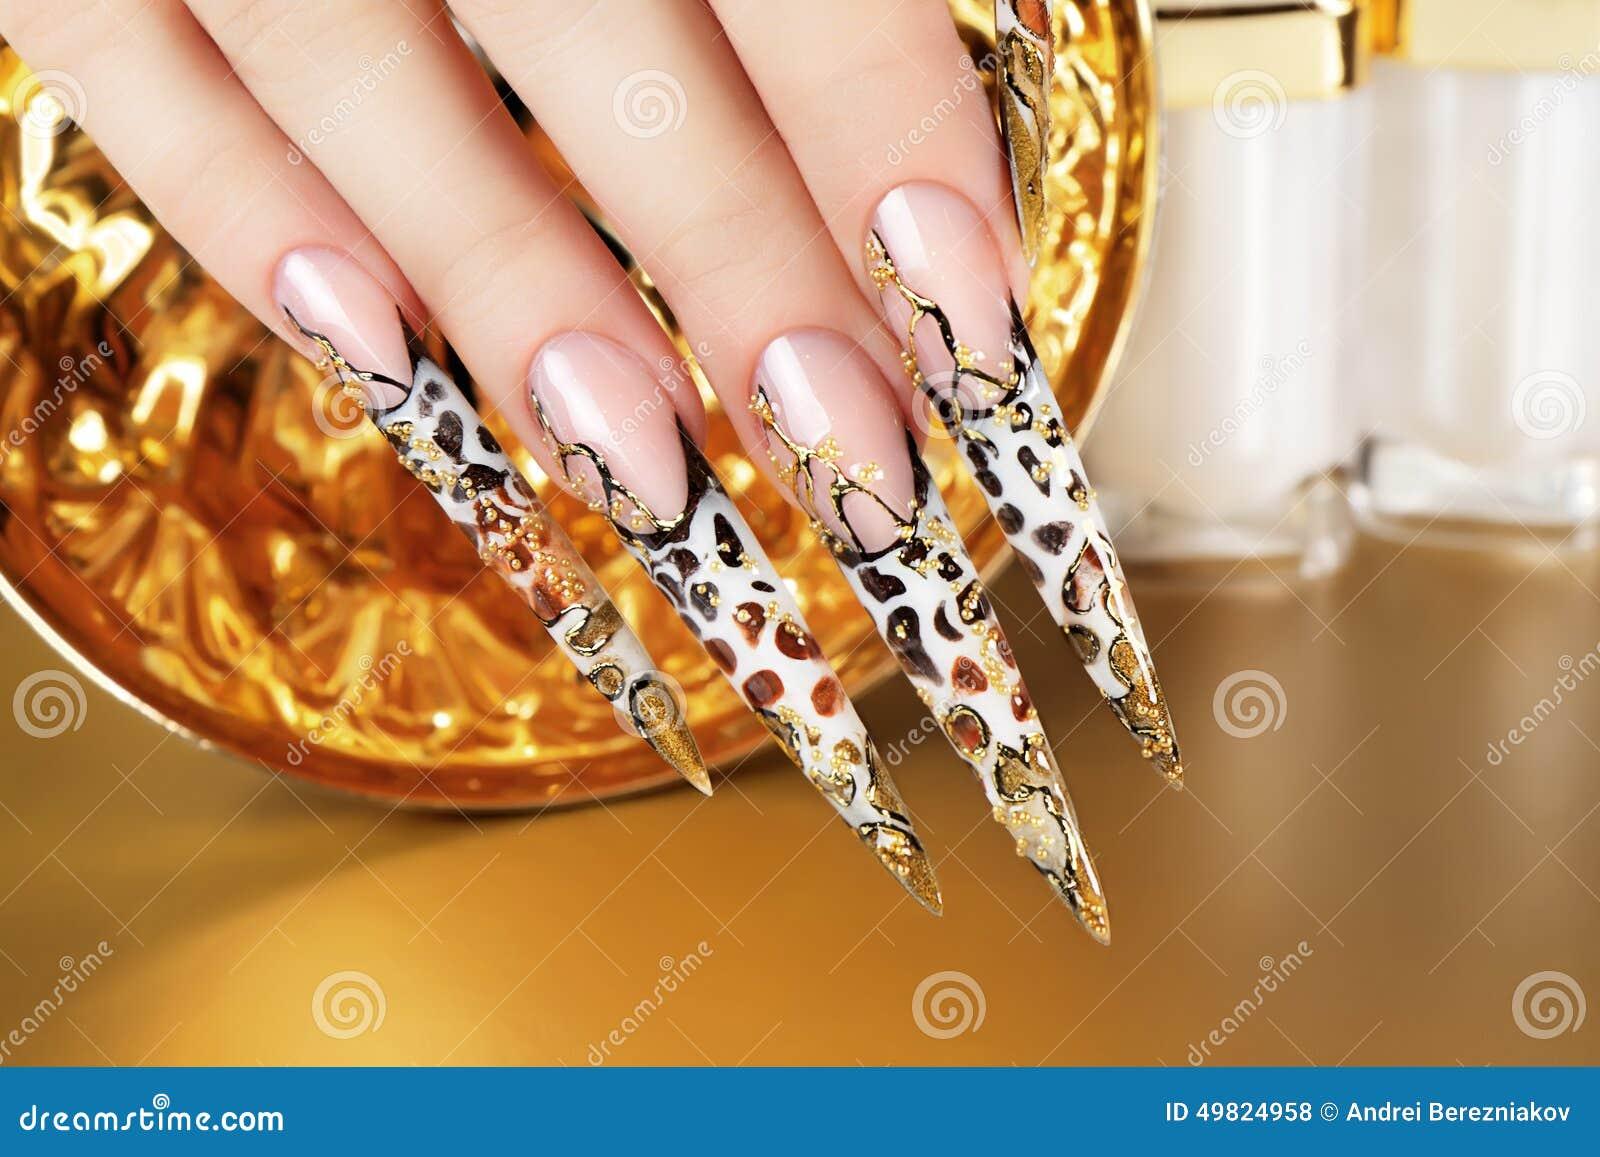 Фото конкурсных работ ногти